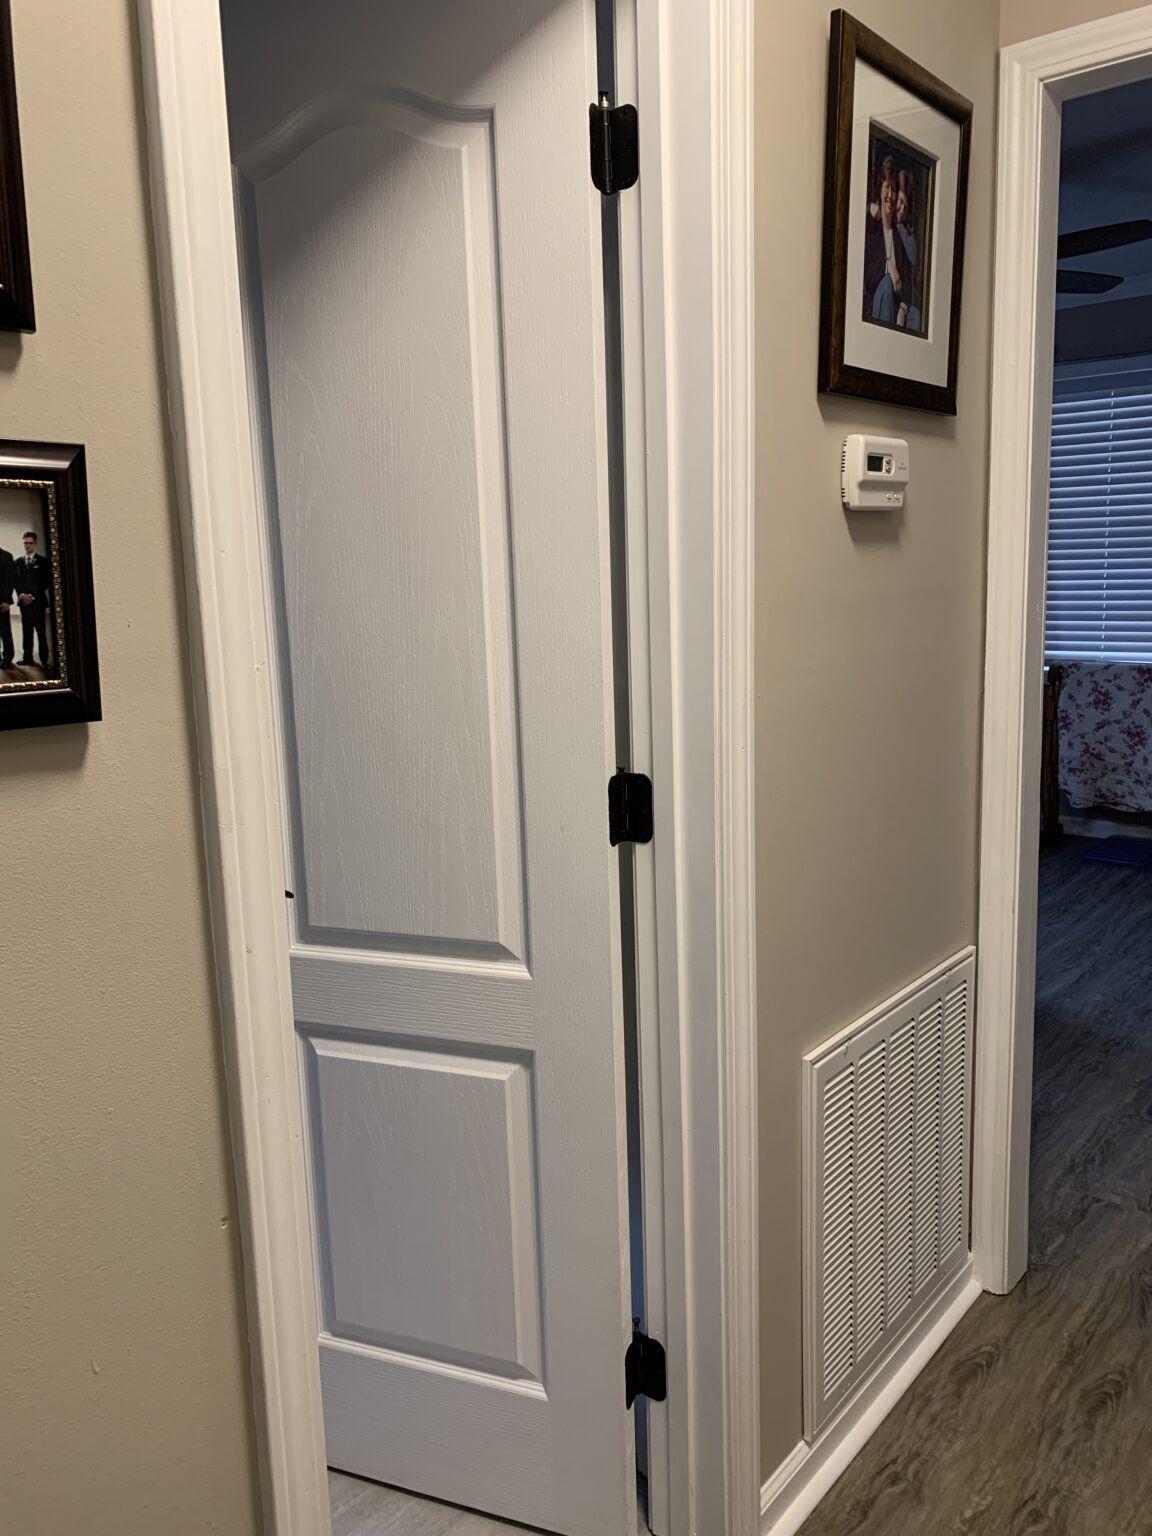 How To Paint Door Hinges In 2020 Painted Doors Door Hinges Painting Interior Doors Black